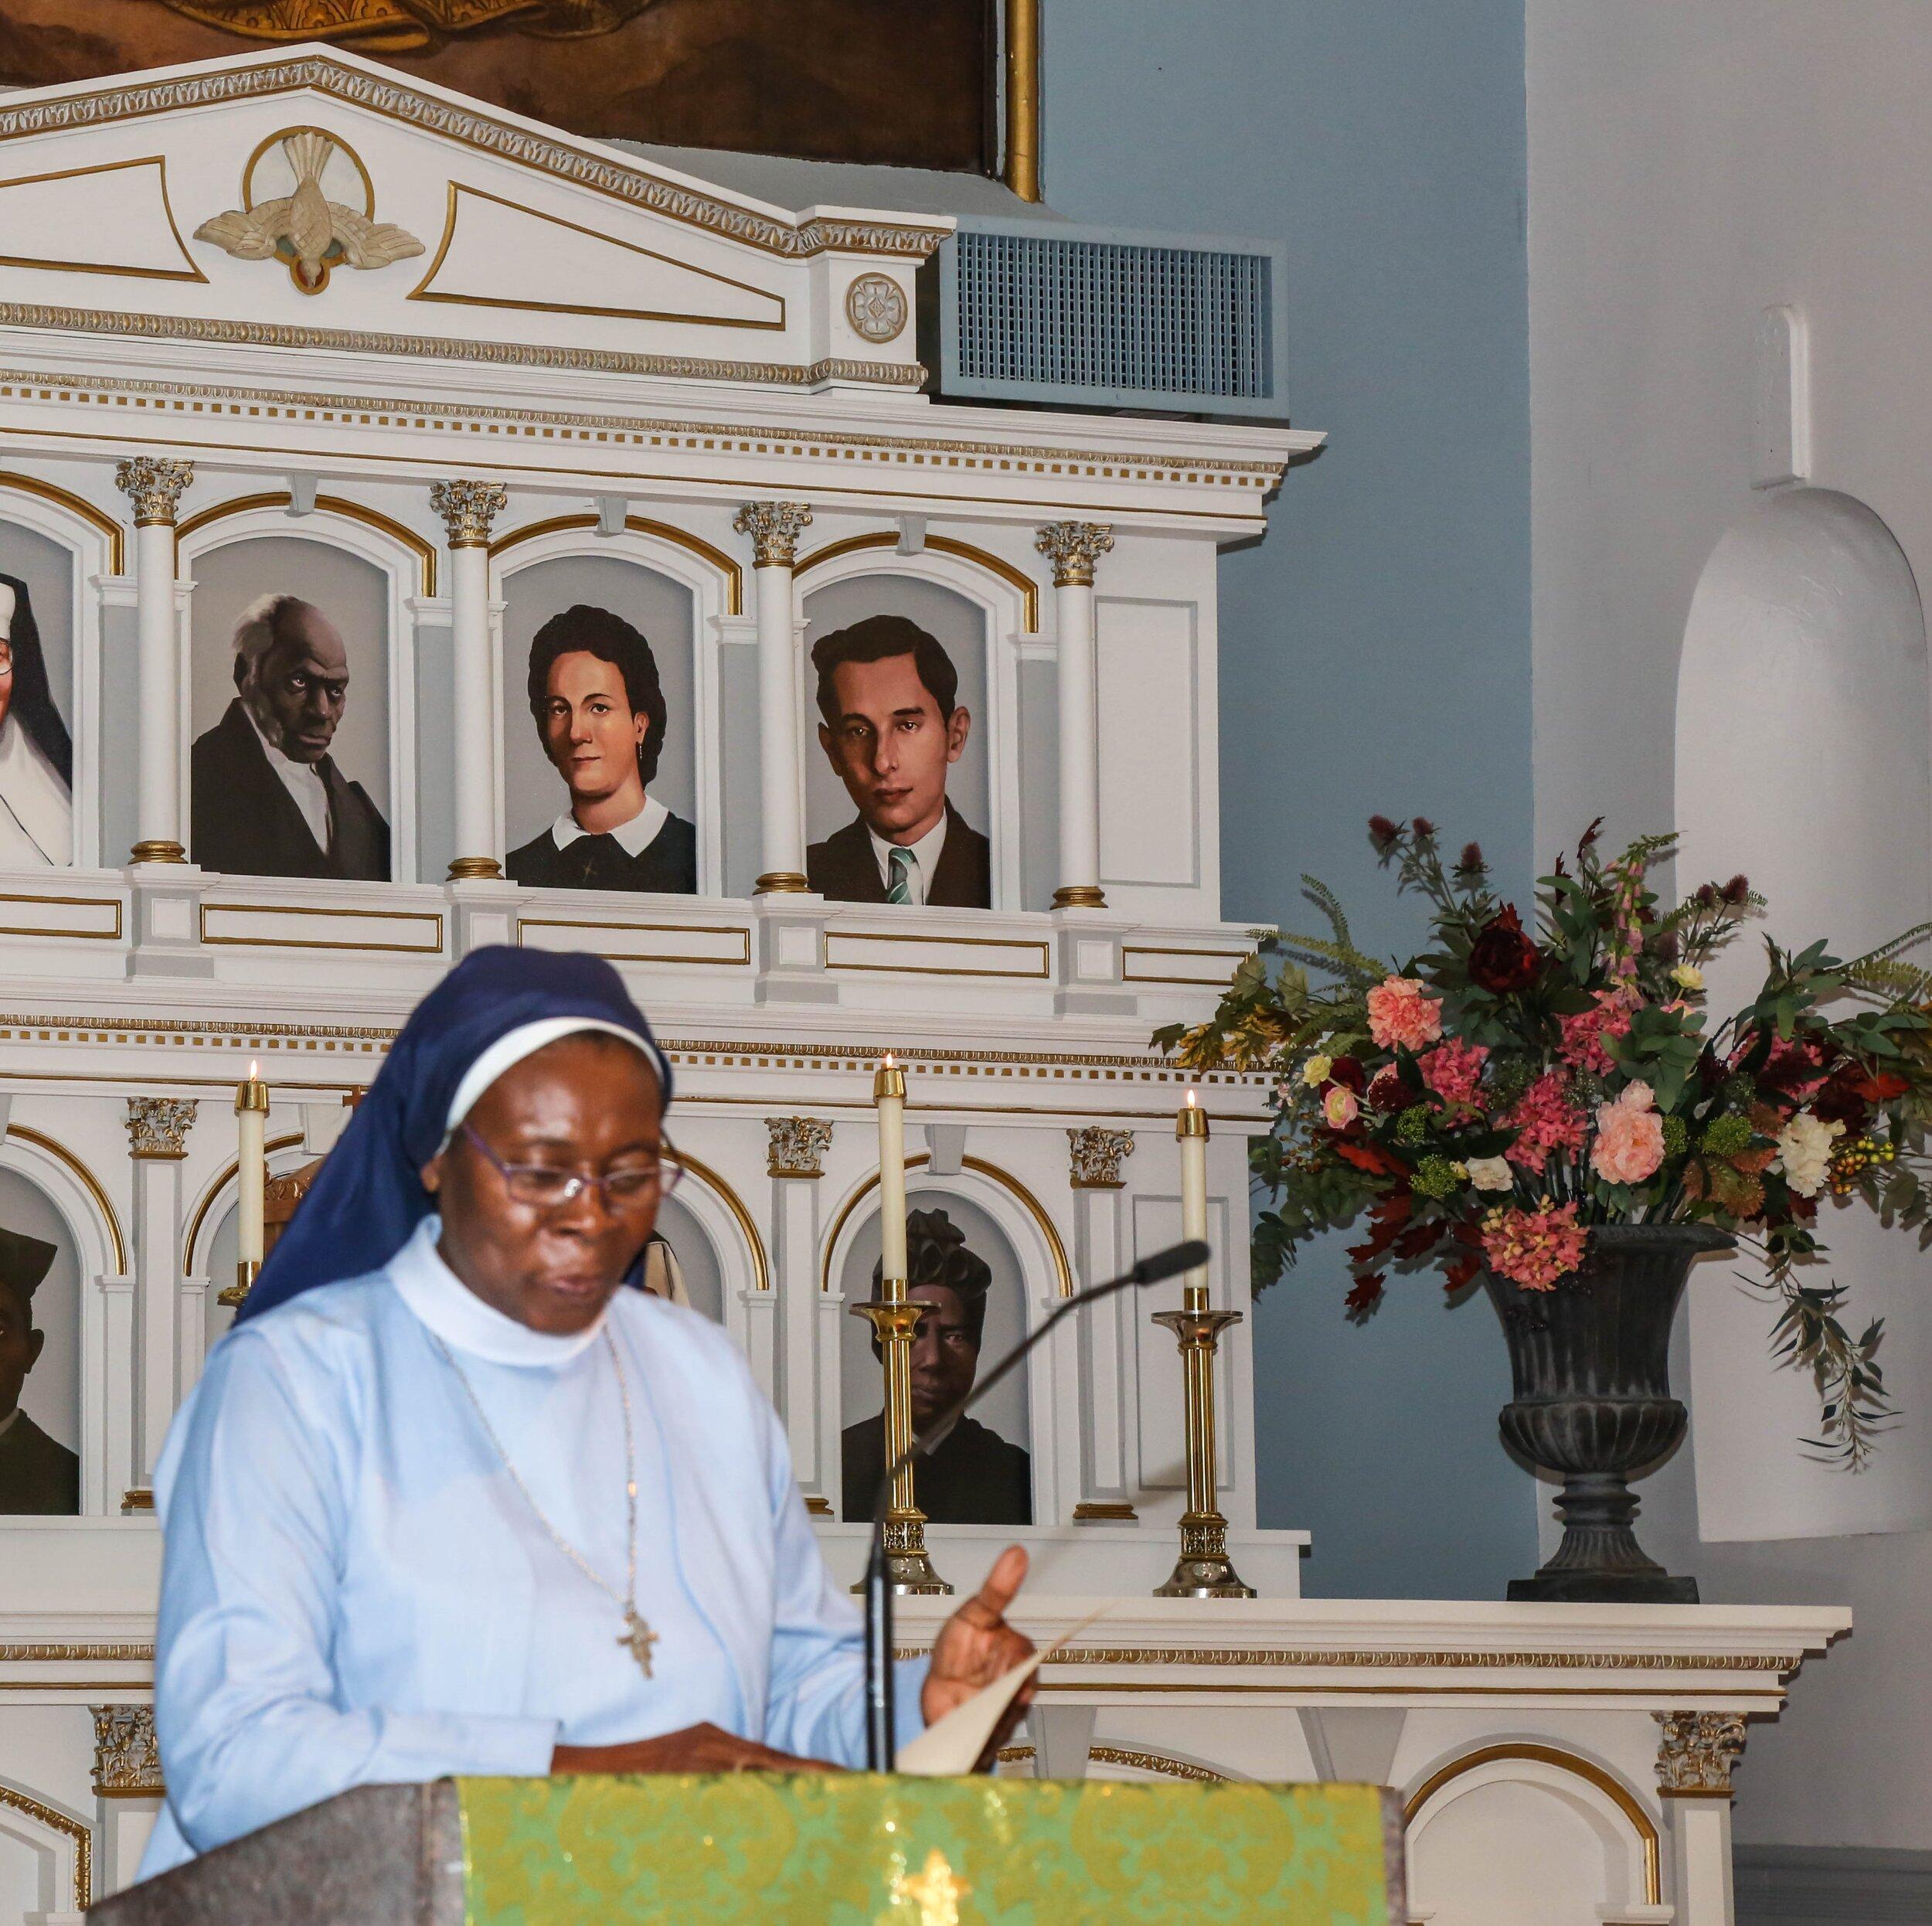 纽约圣家庭天主教堂的圣约瑟夫,纽约市讲堂.jpg